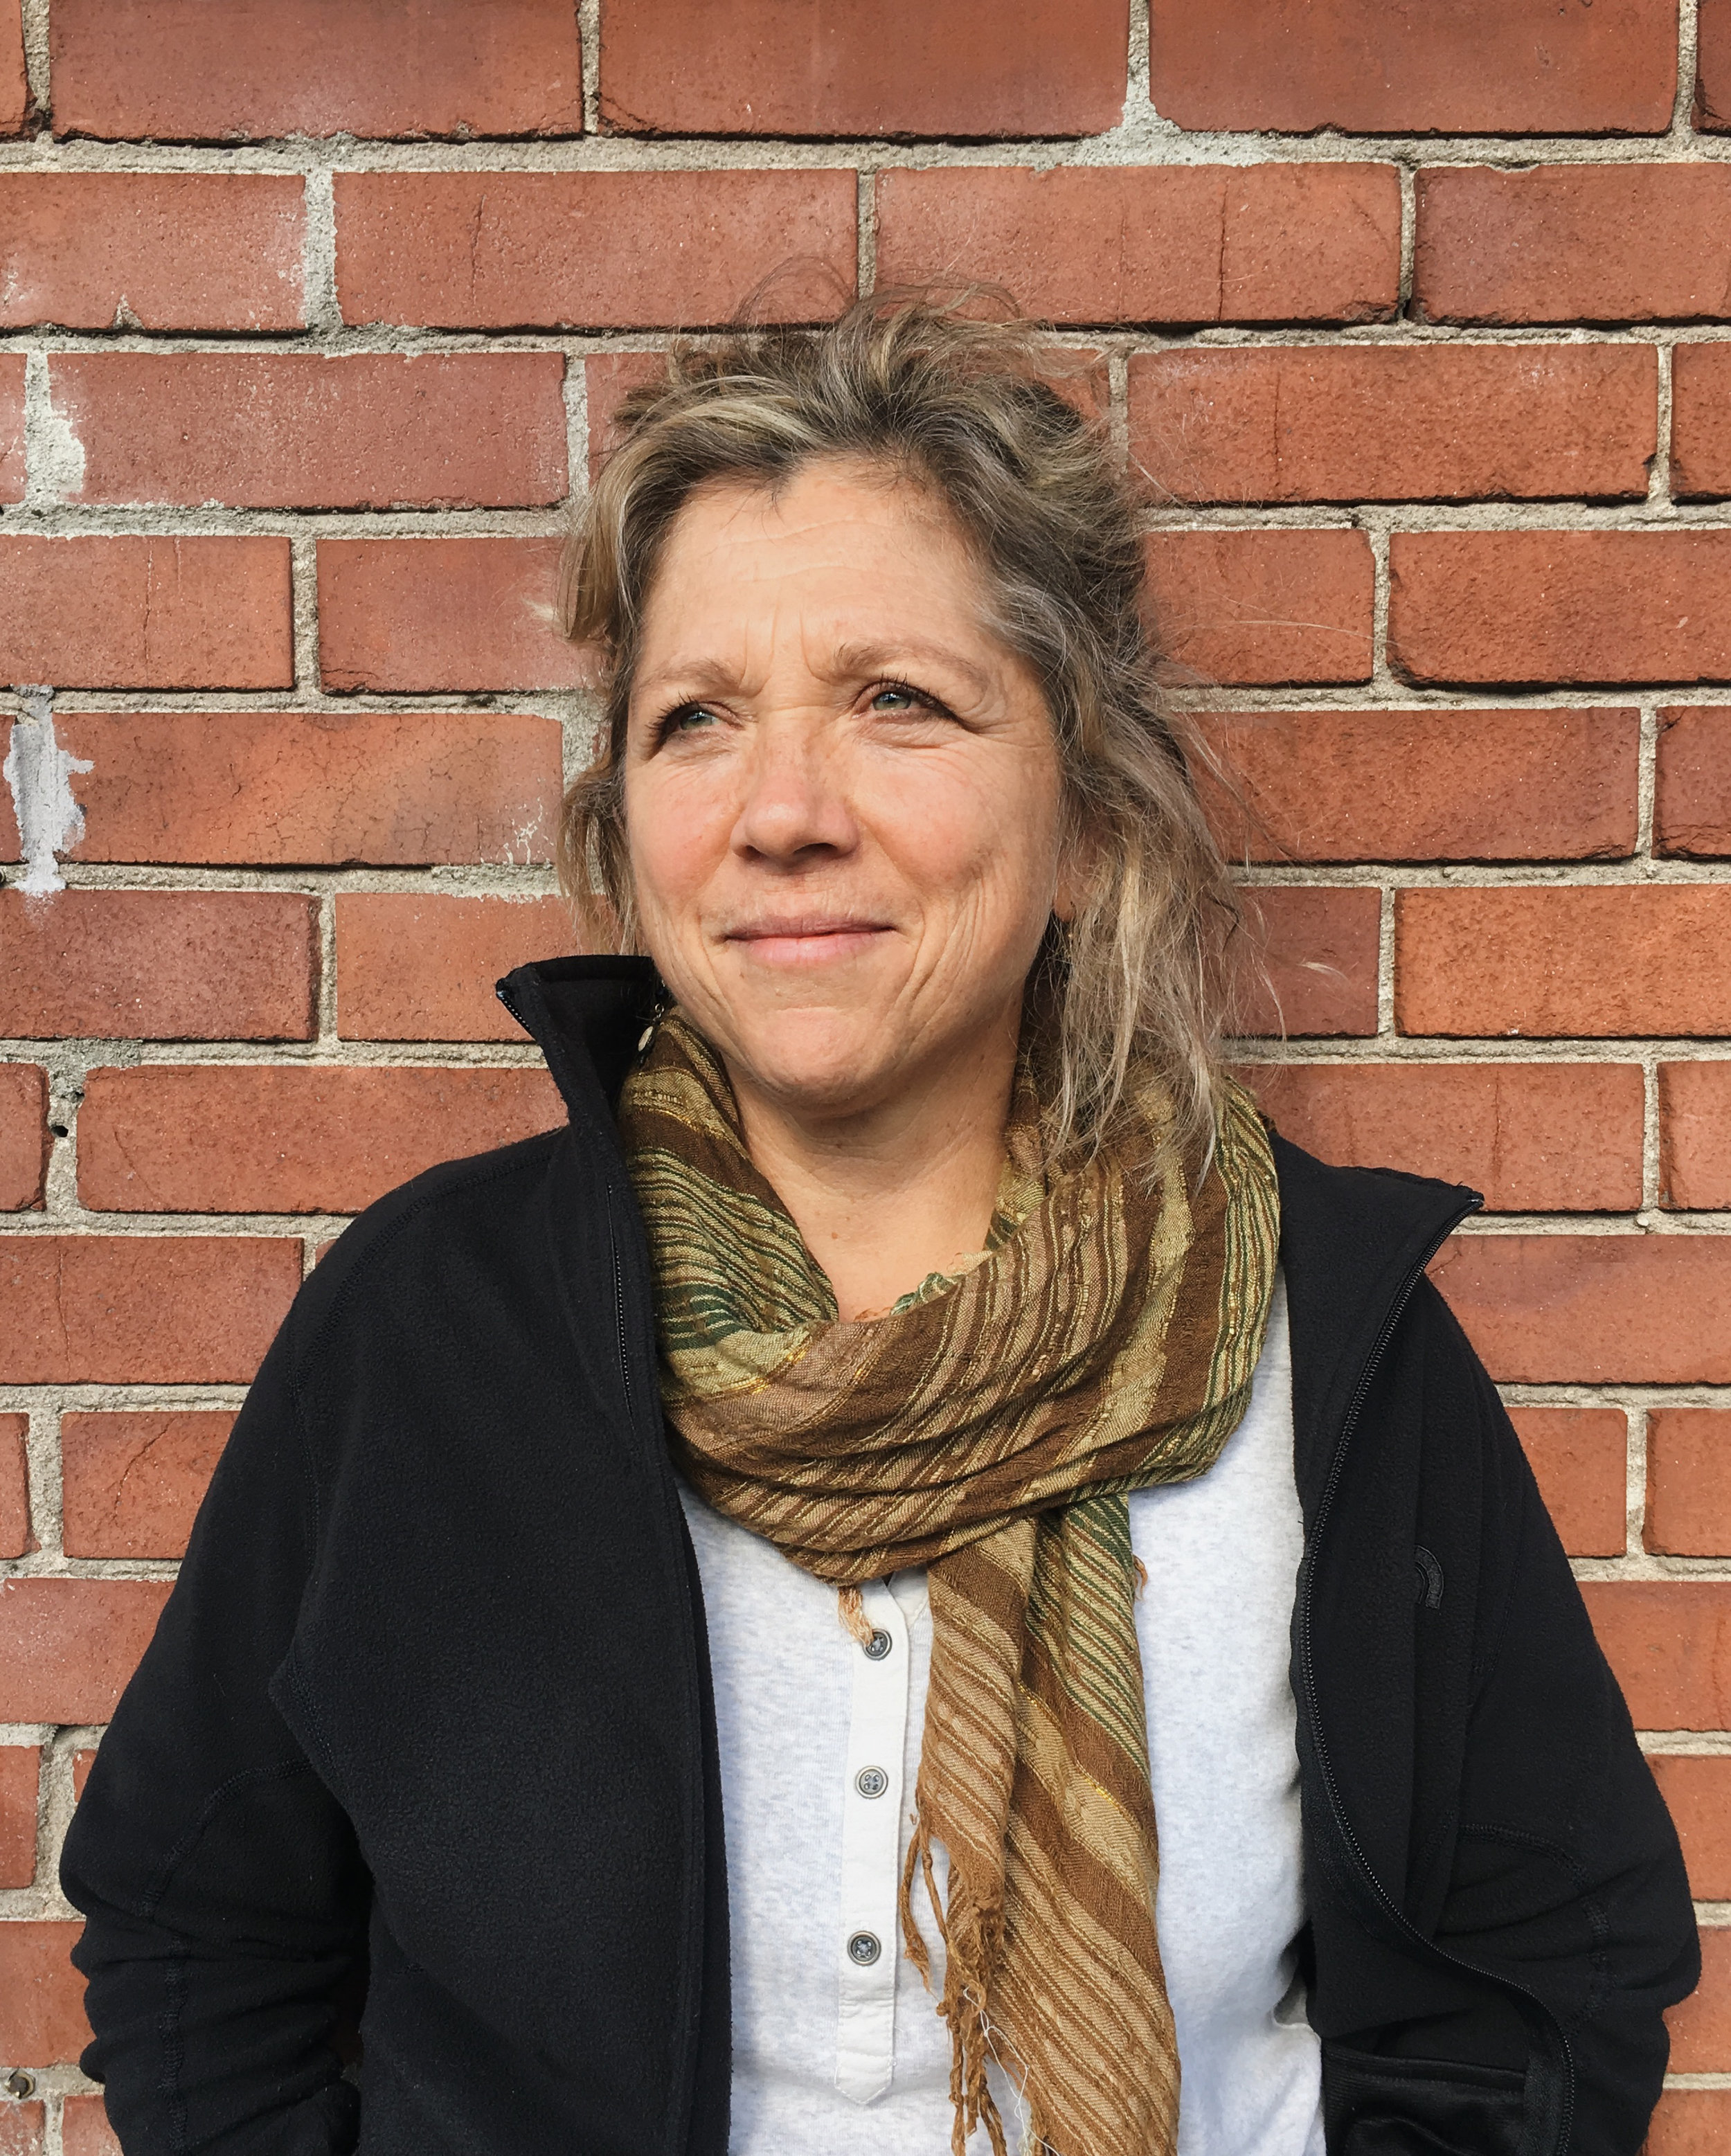 Nicole Paquette